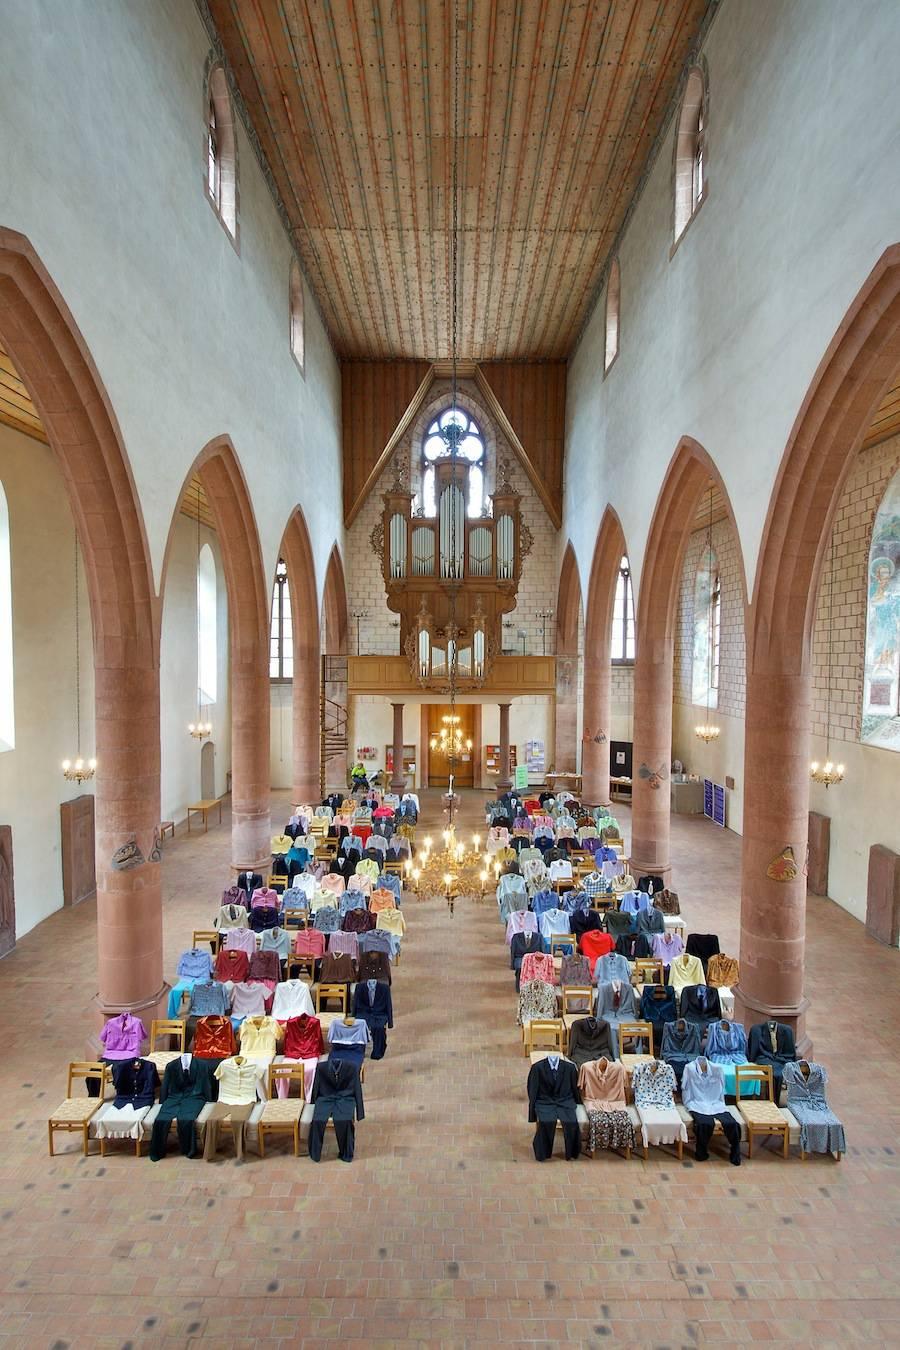 installazione-150-persone-invisibili-chiesa-los-carpinteros-2